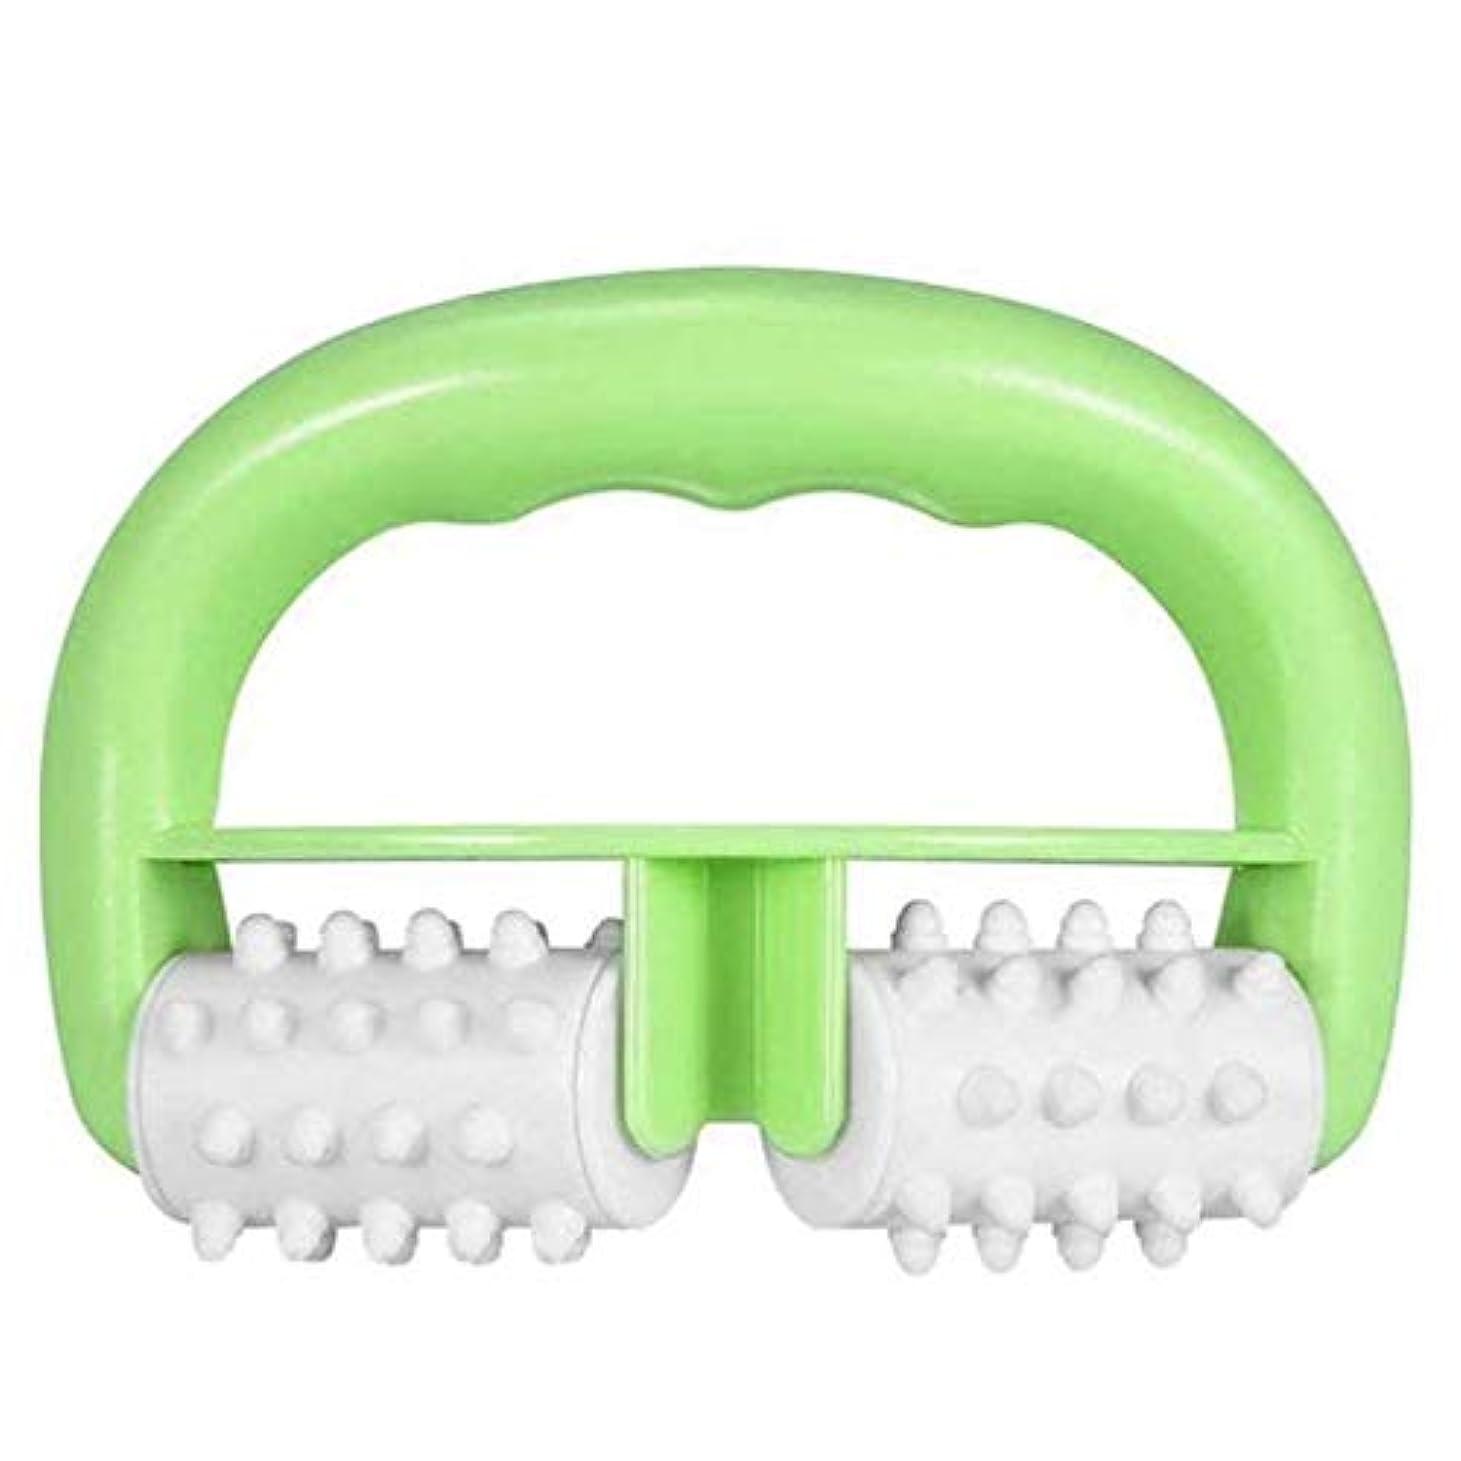 セントあなたは救いローラーマッサージャー - マニュアルローラーマッサージャー/マッサージ?完璧な体験を提供します。緑